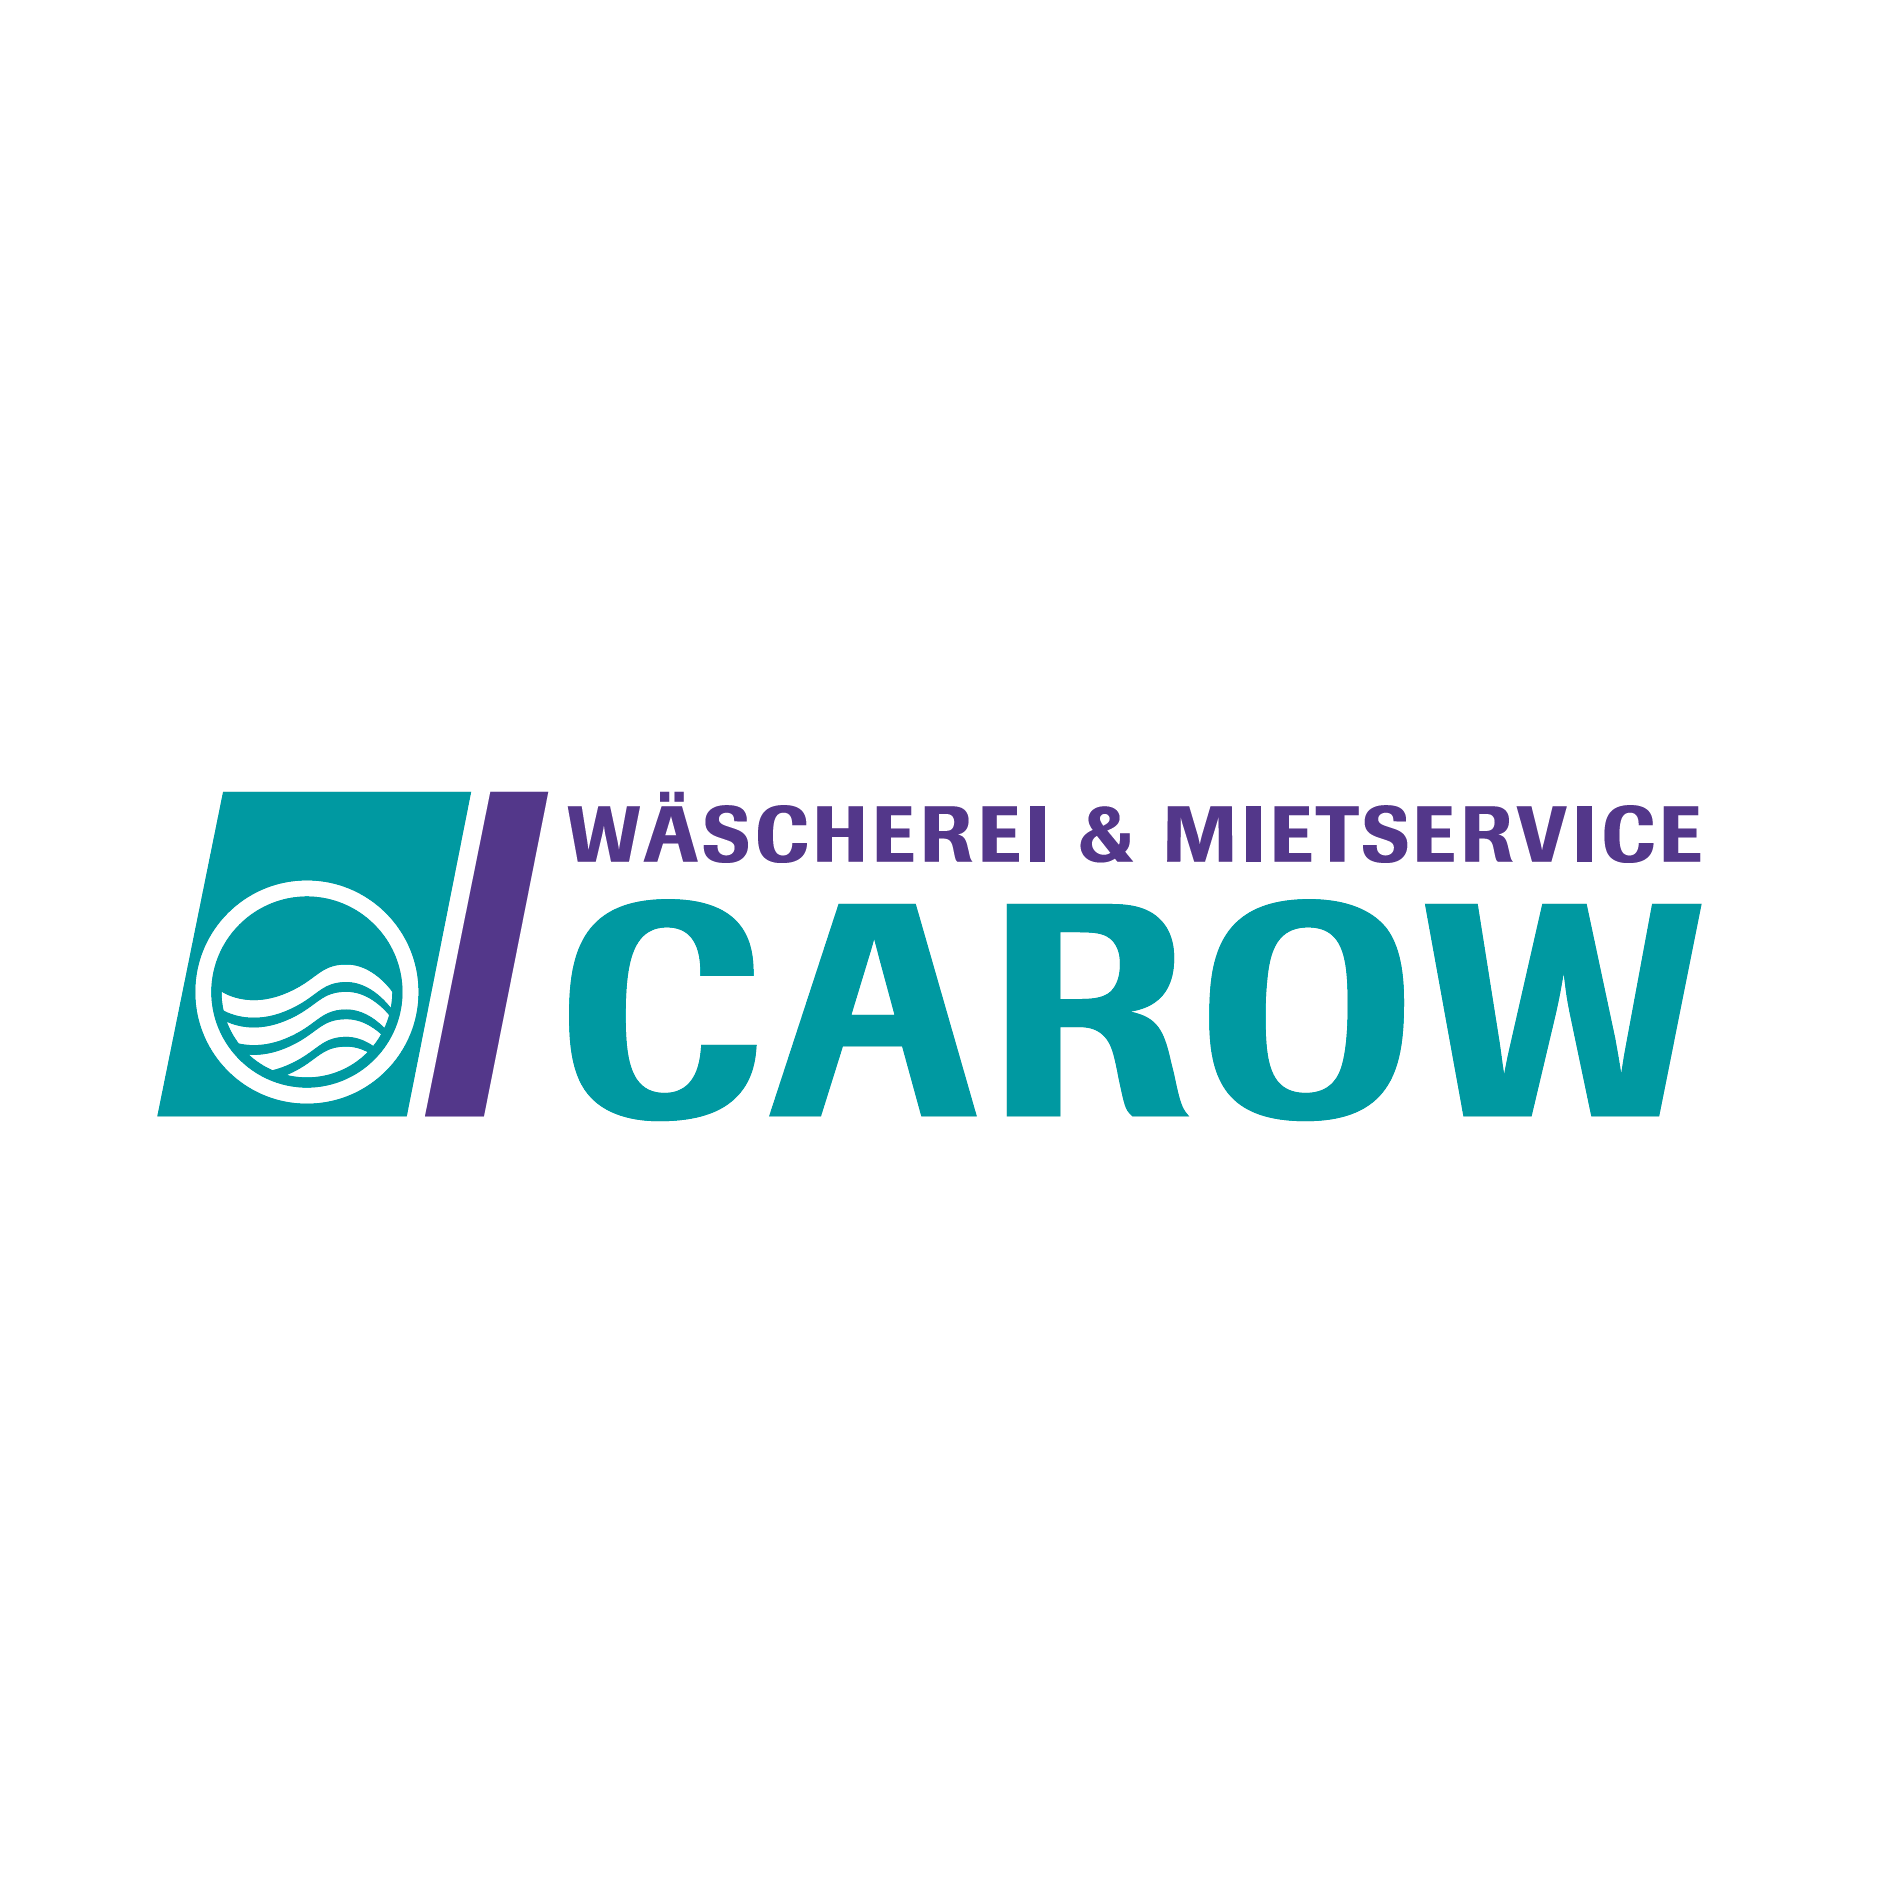 Logo von Wäscherei Carow GmbH & Co. KG